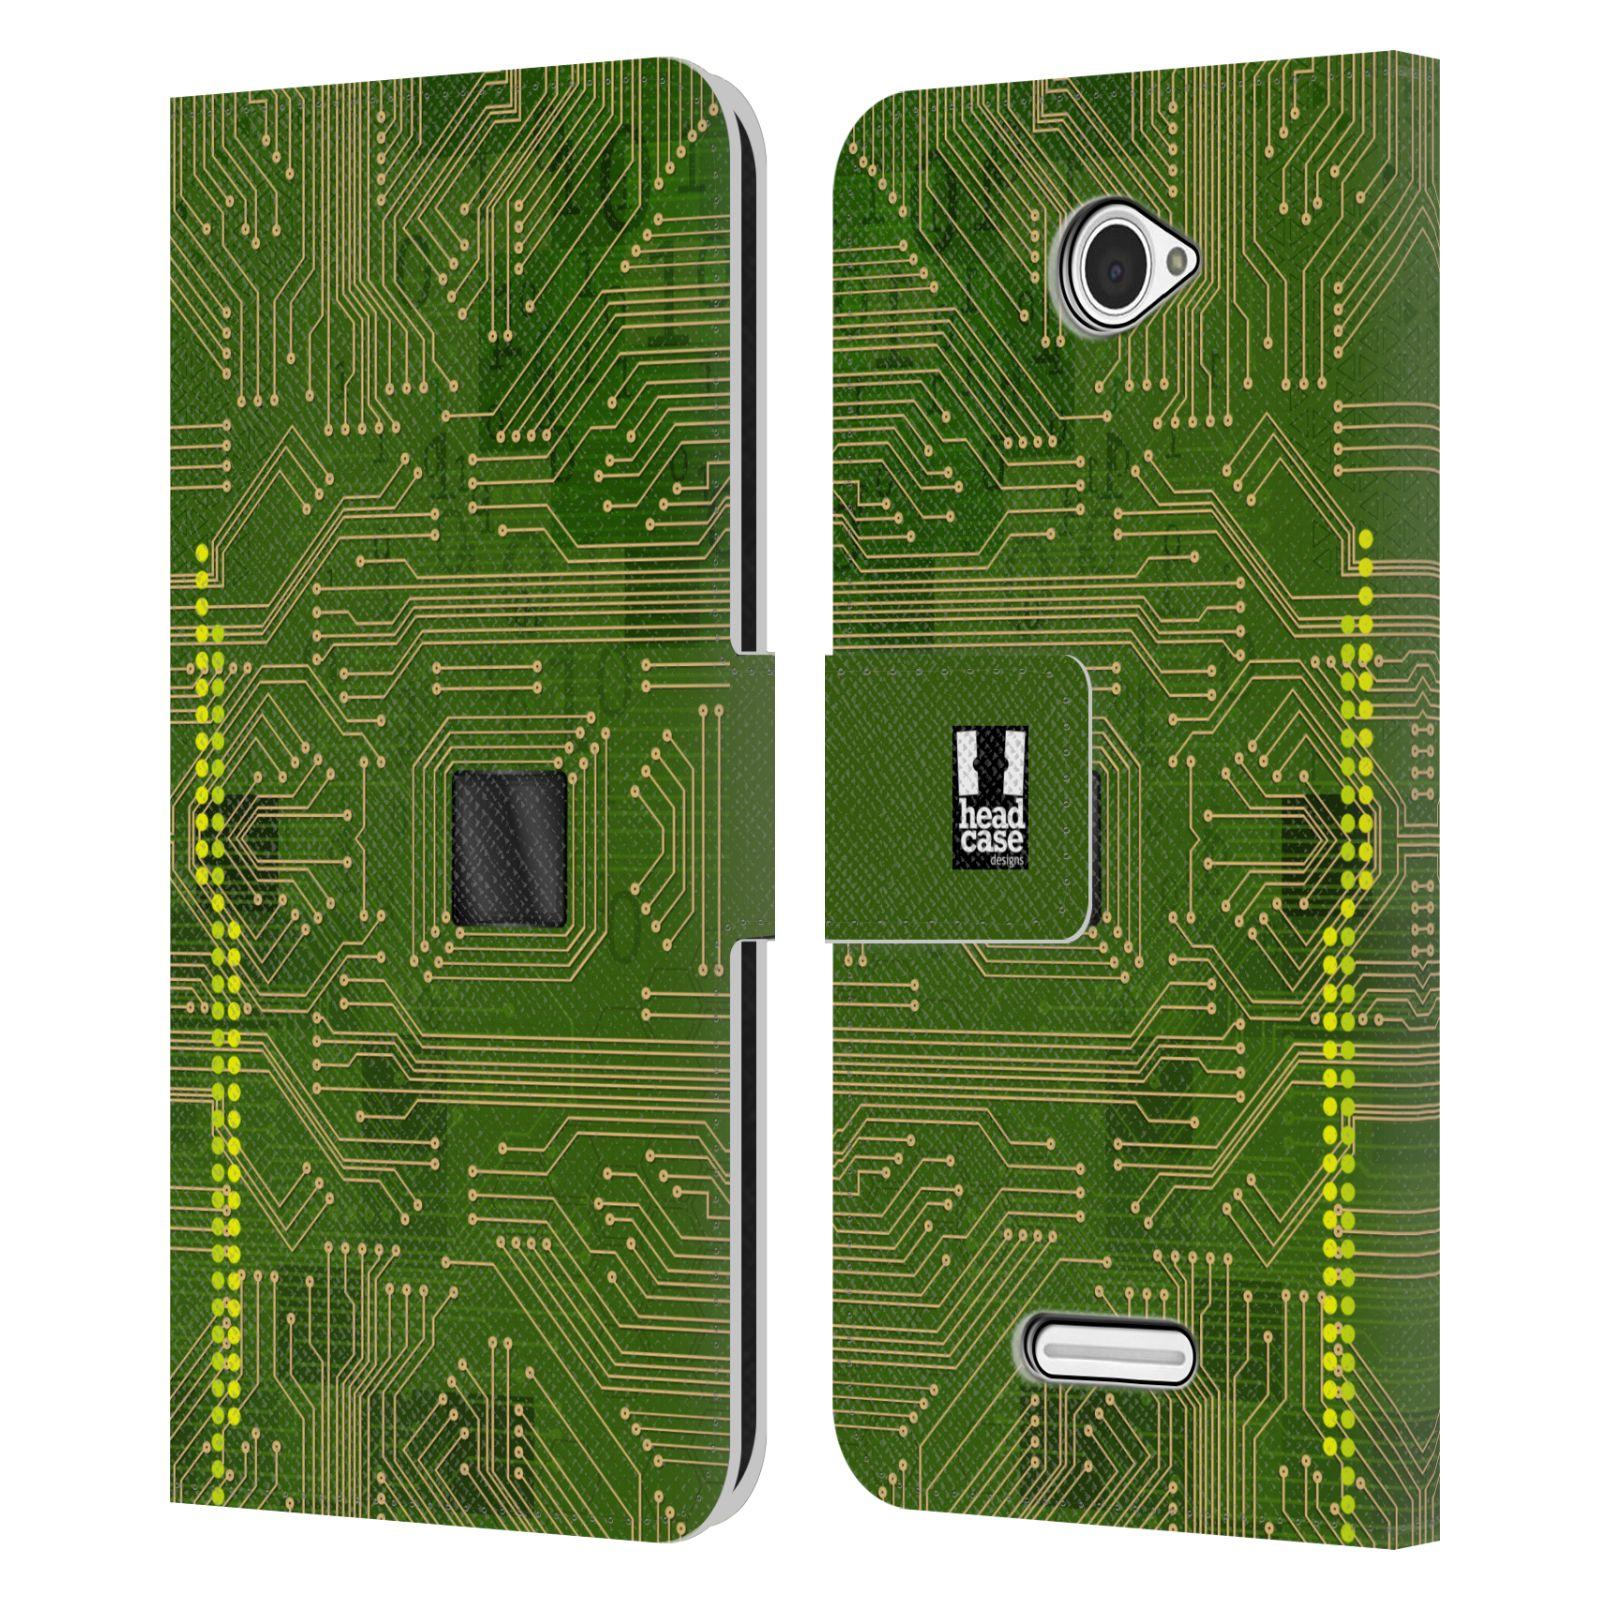 HEAD CASE Flipové pouzdro pro mobil SONY XPERIA E4 počítač základní deska zelená barva